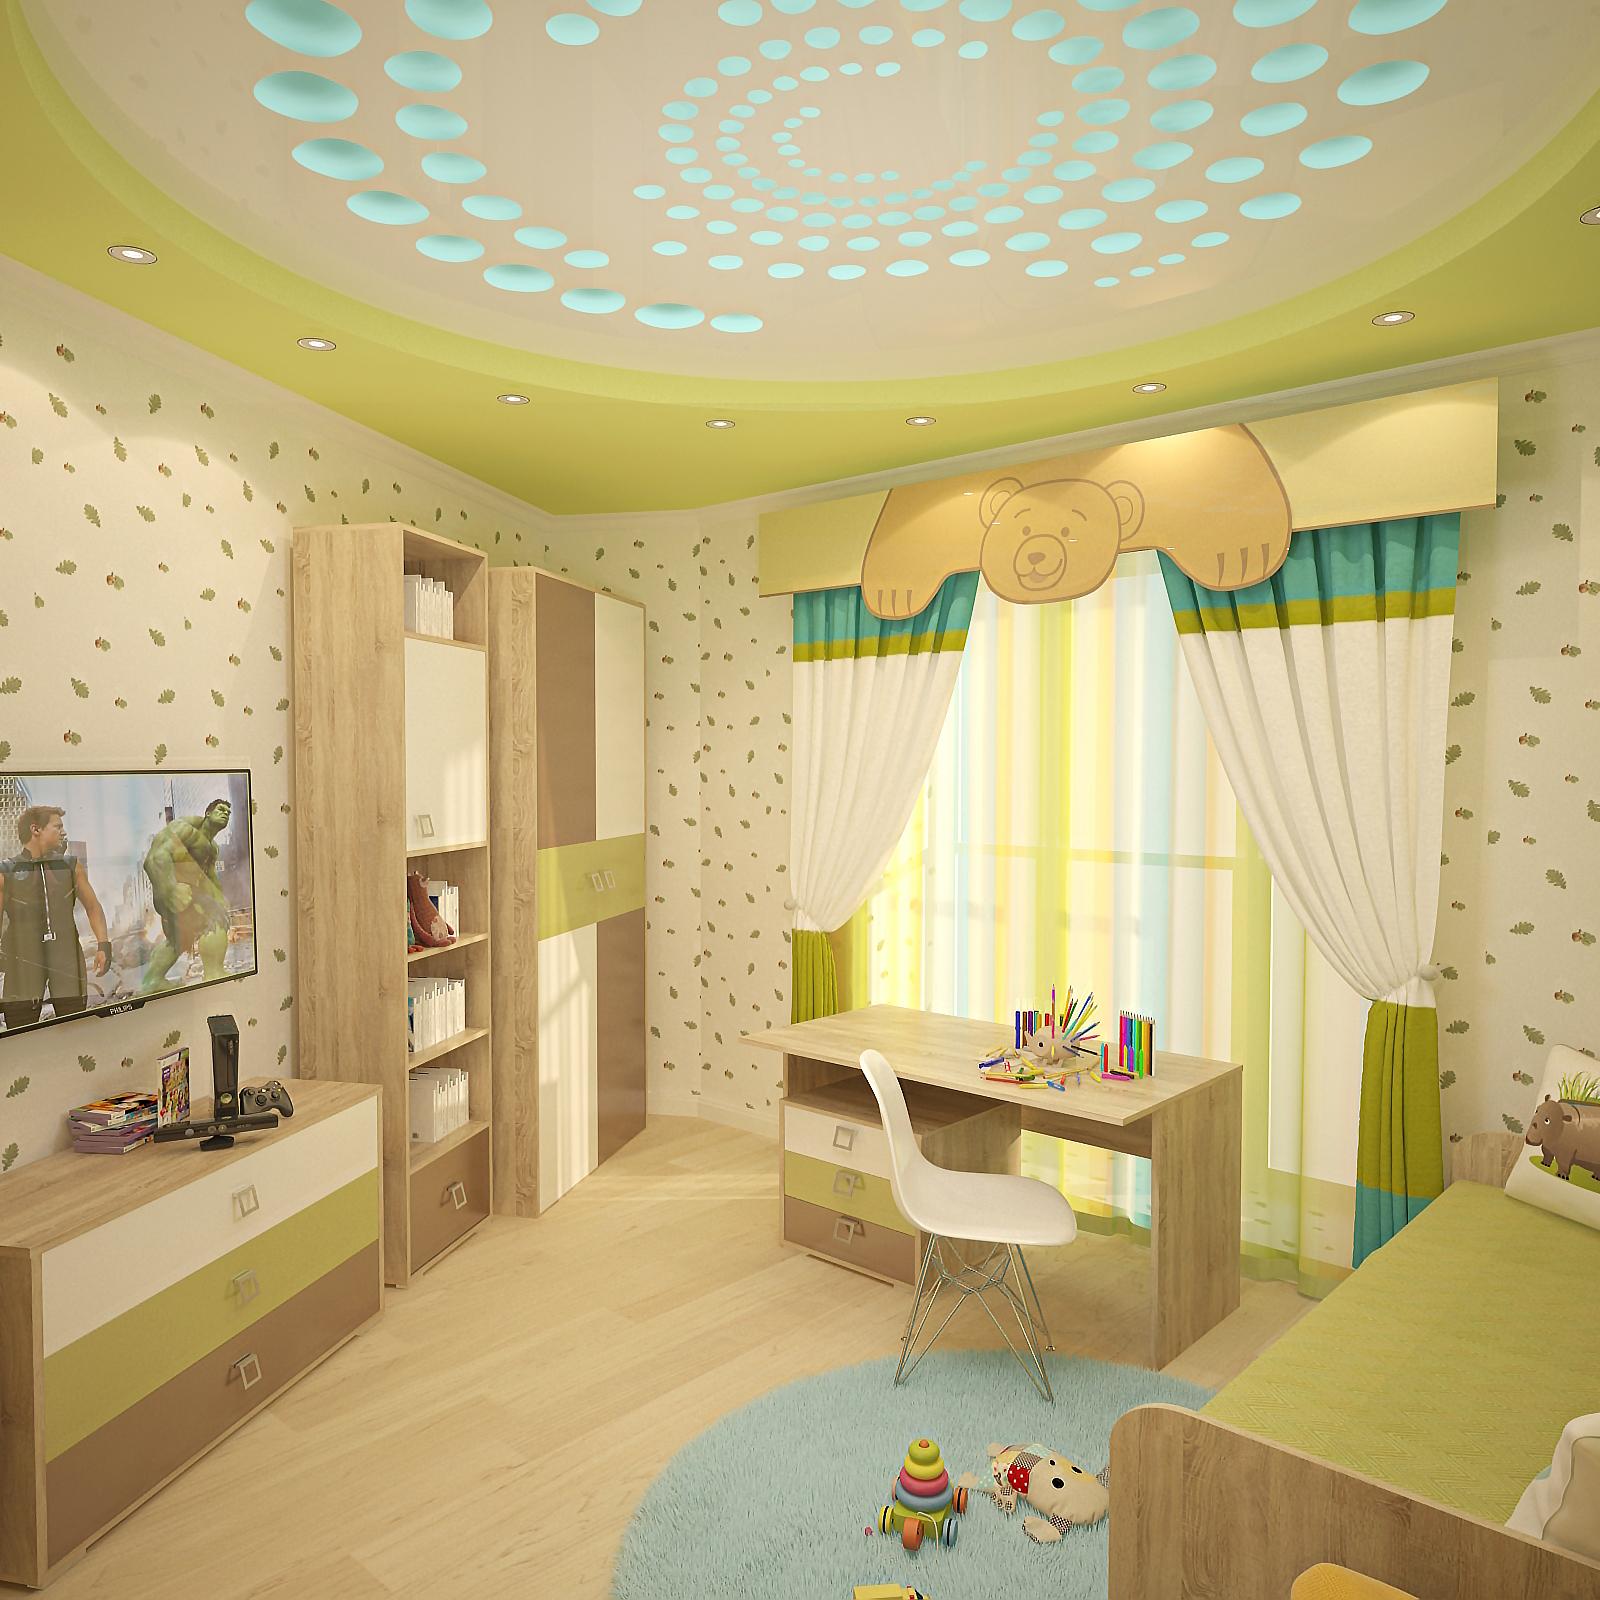 Четырехкомнатная квартира в Рябеево 3 Рис. 9